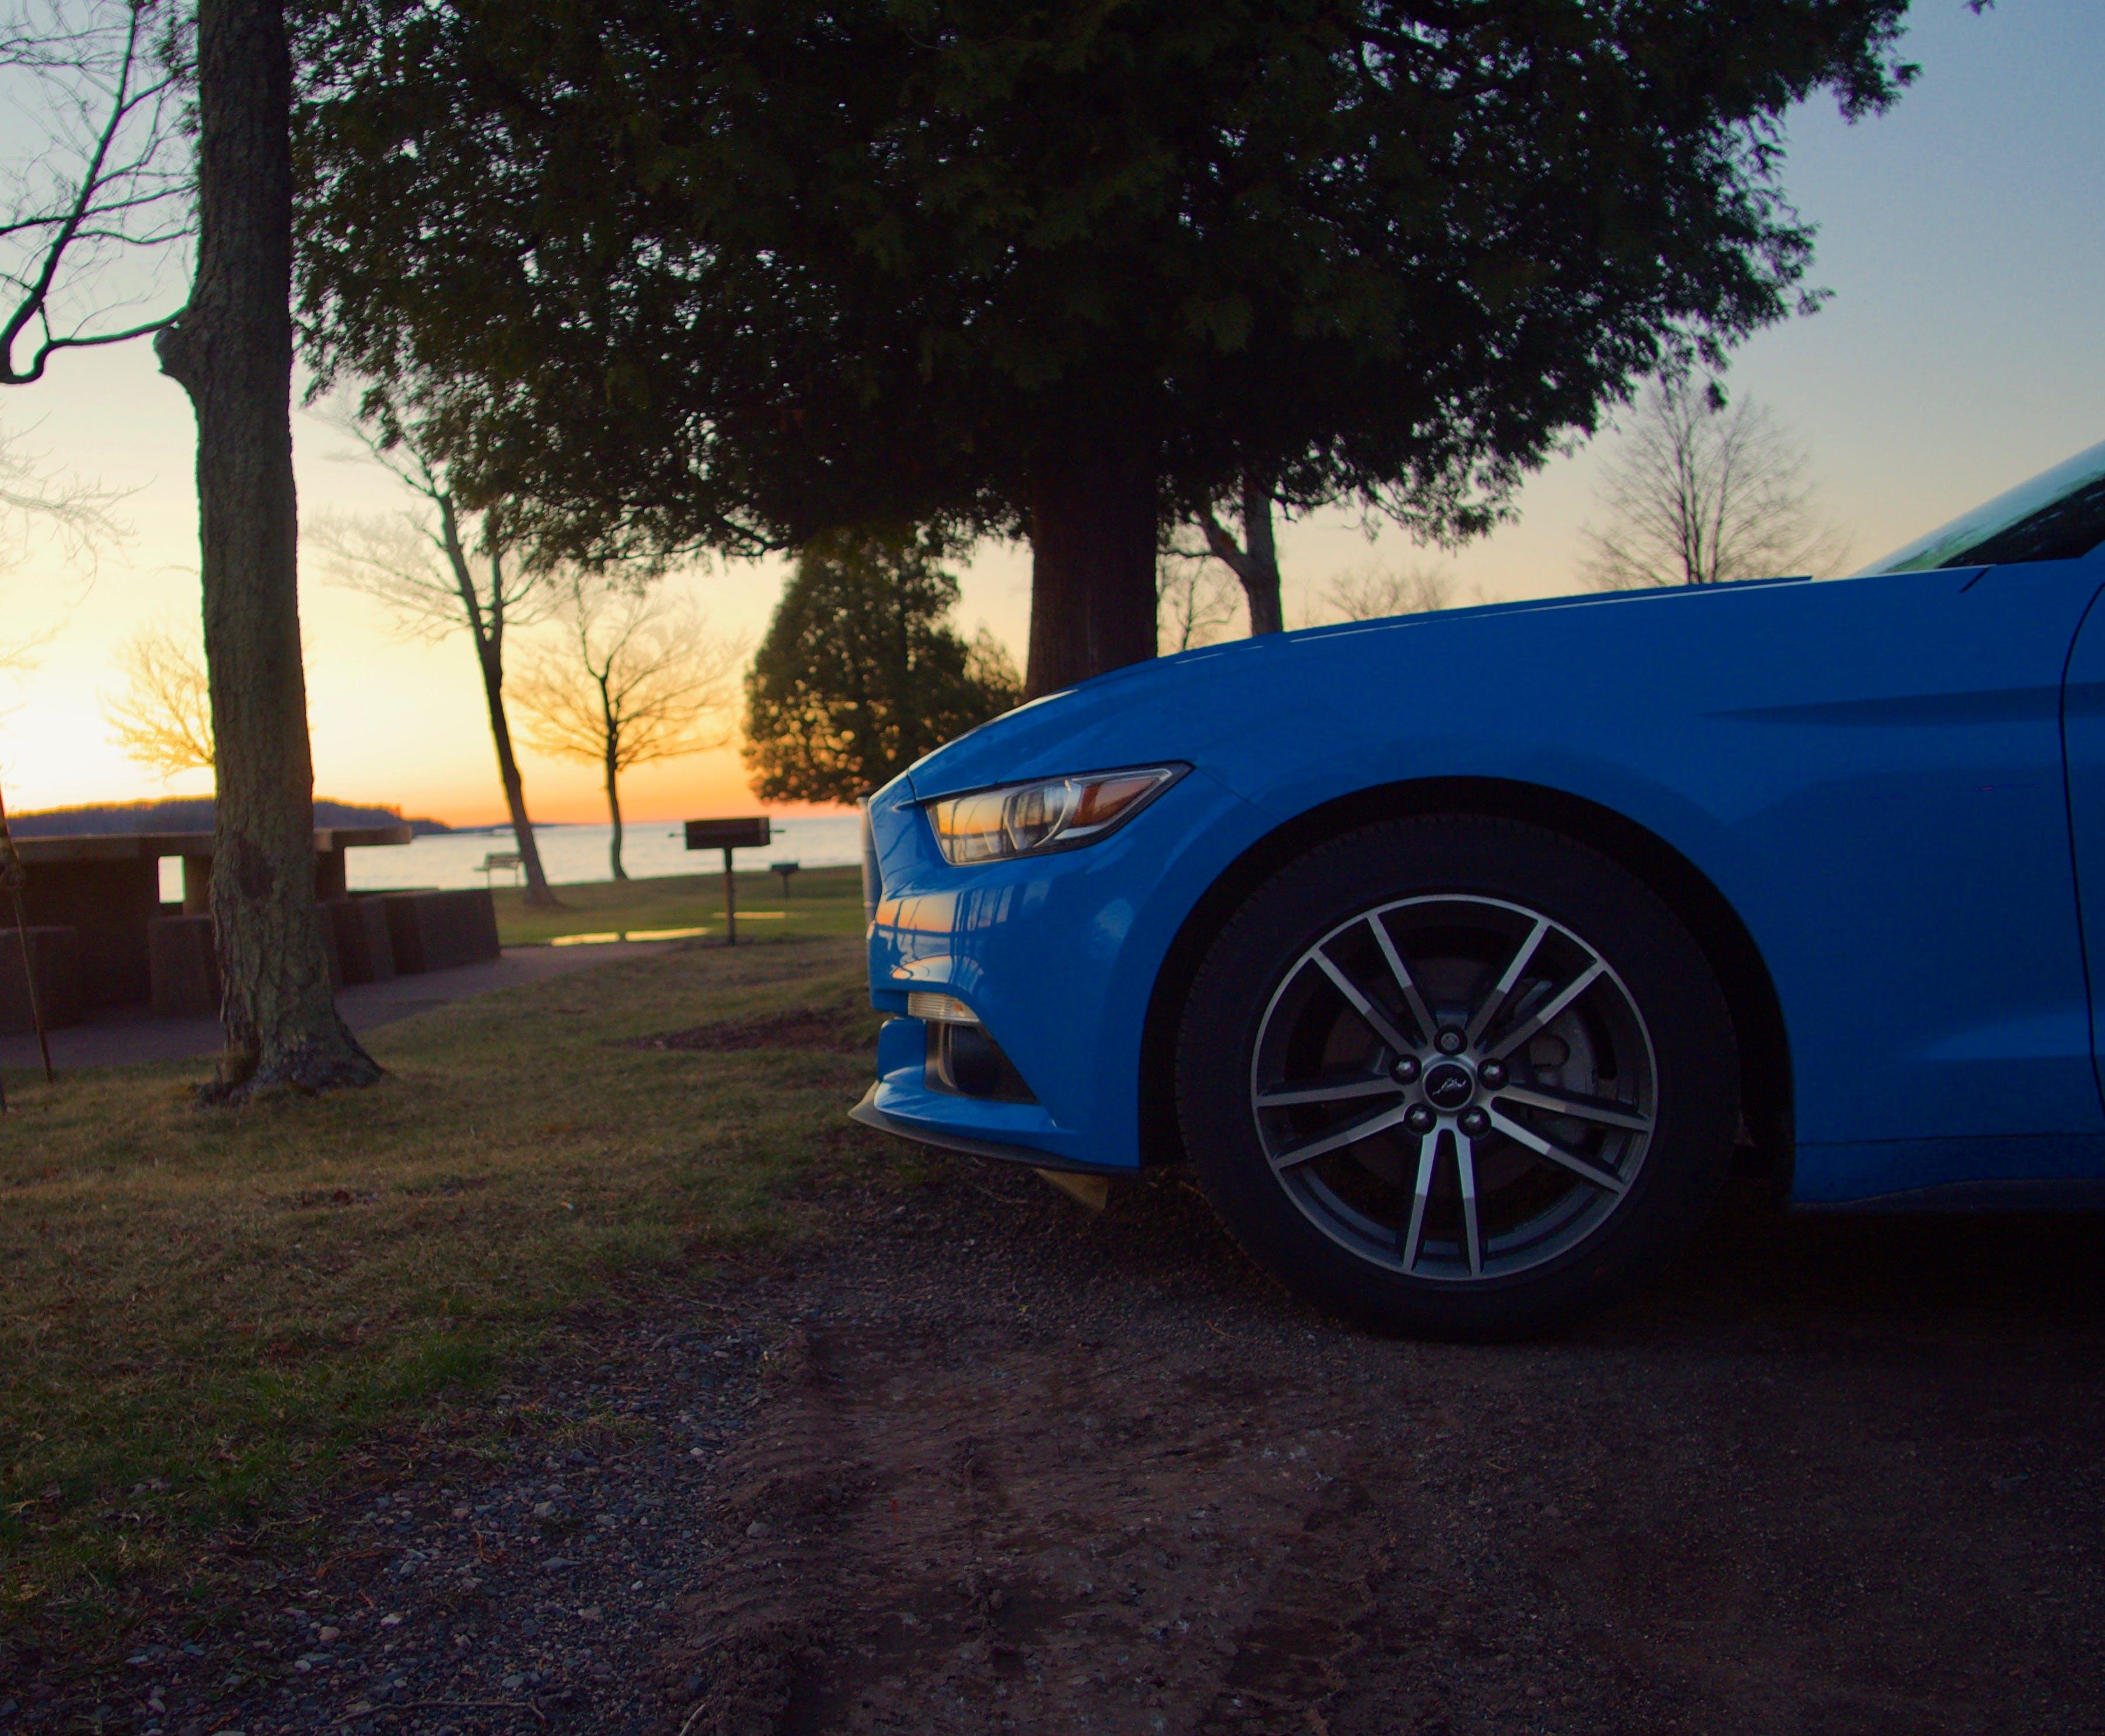 Free stock photo of car, enjoy, lake, landscape